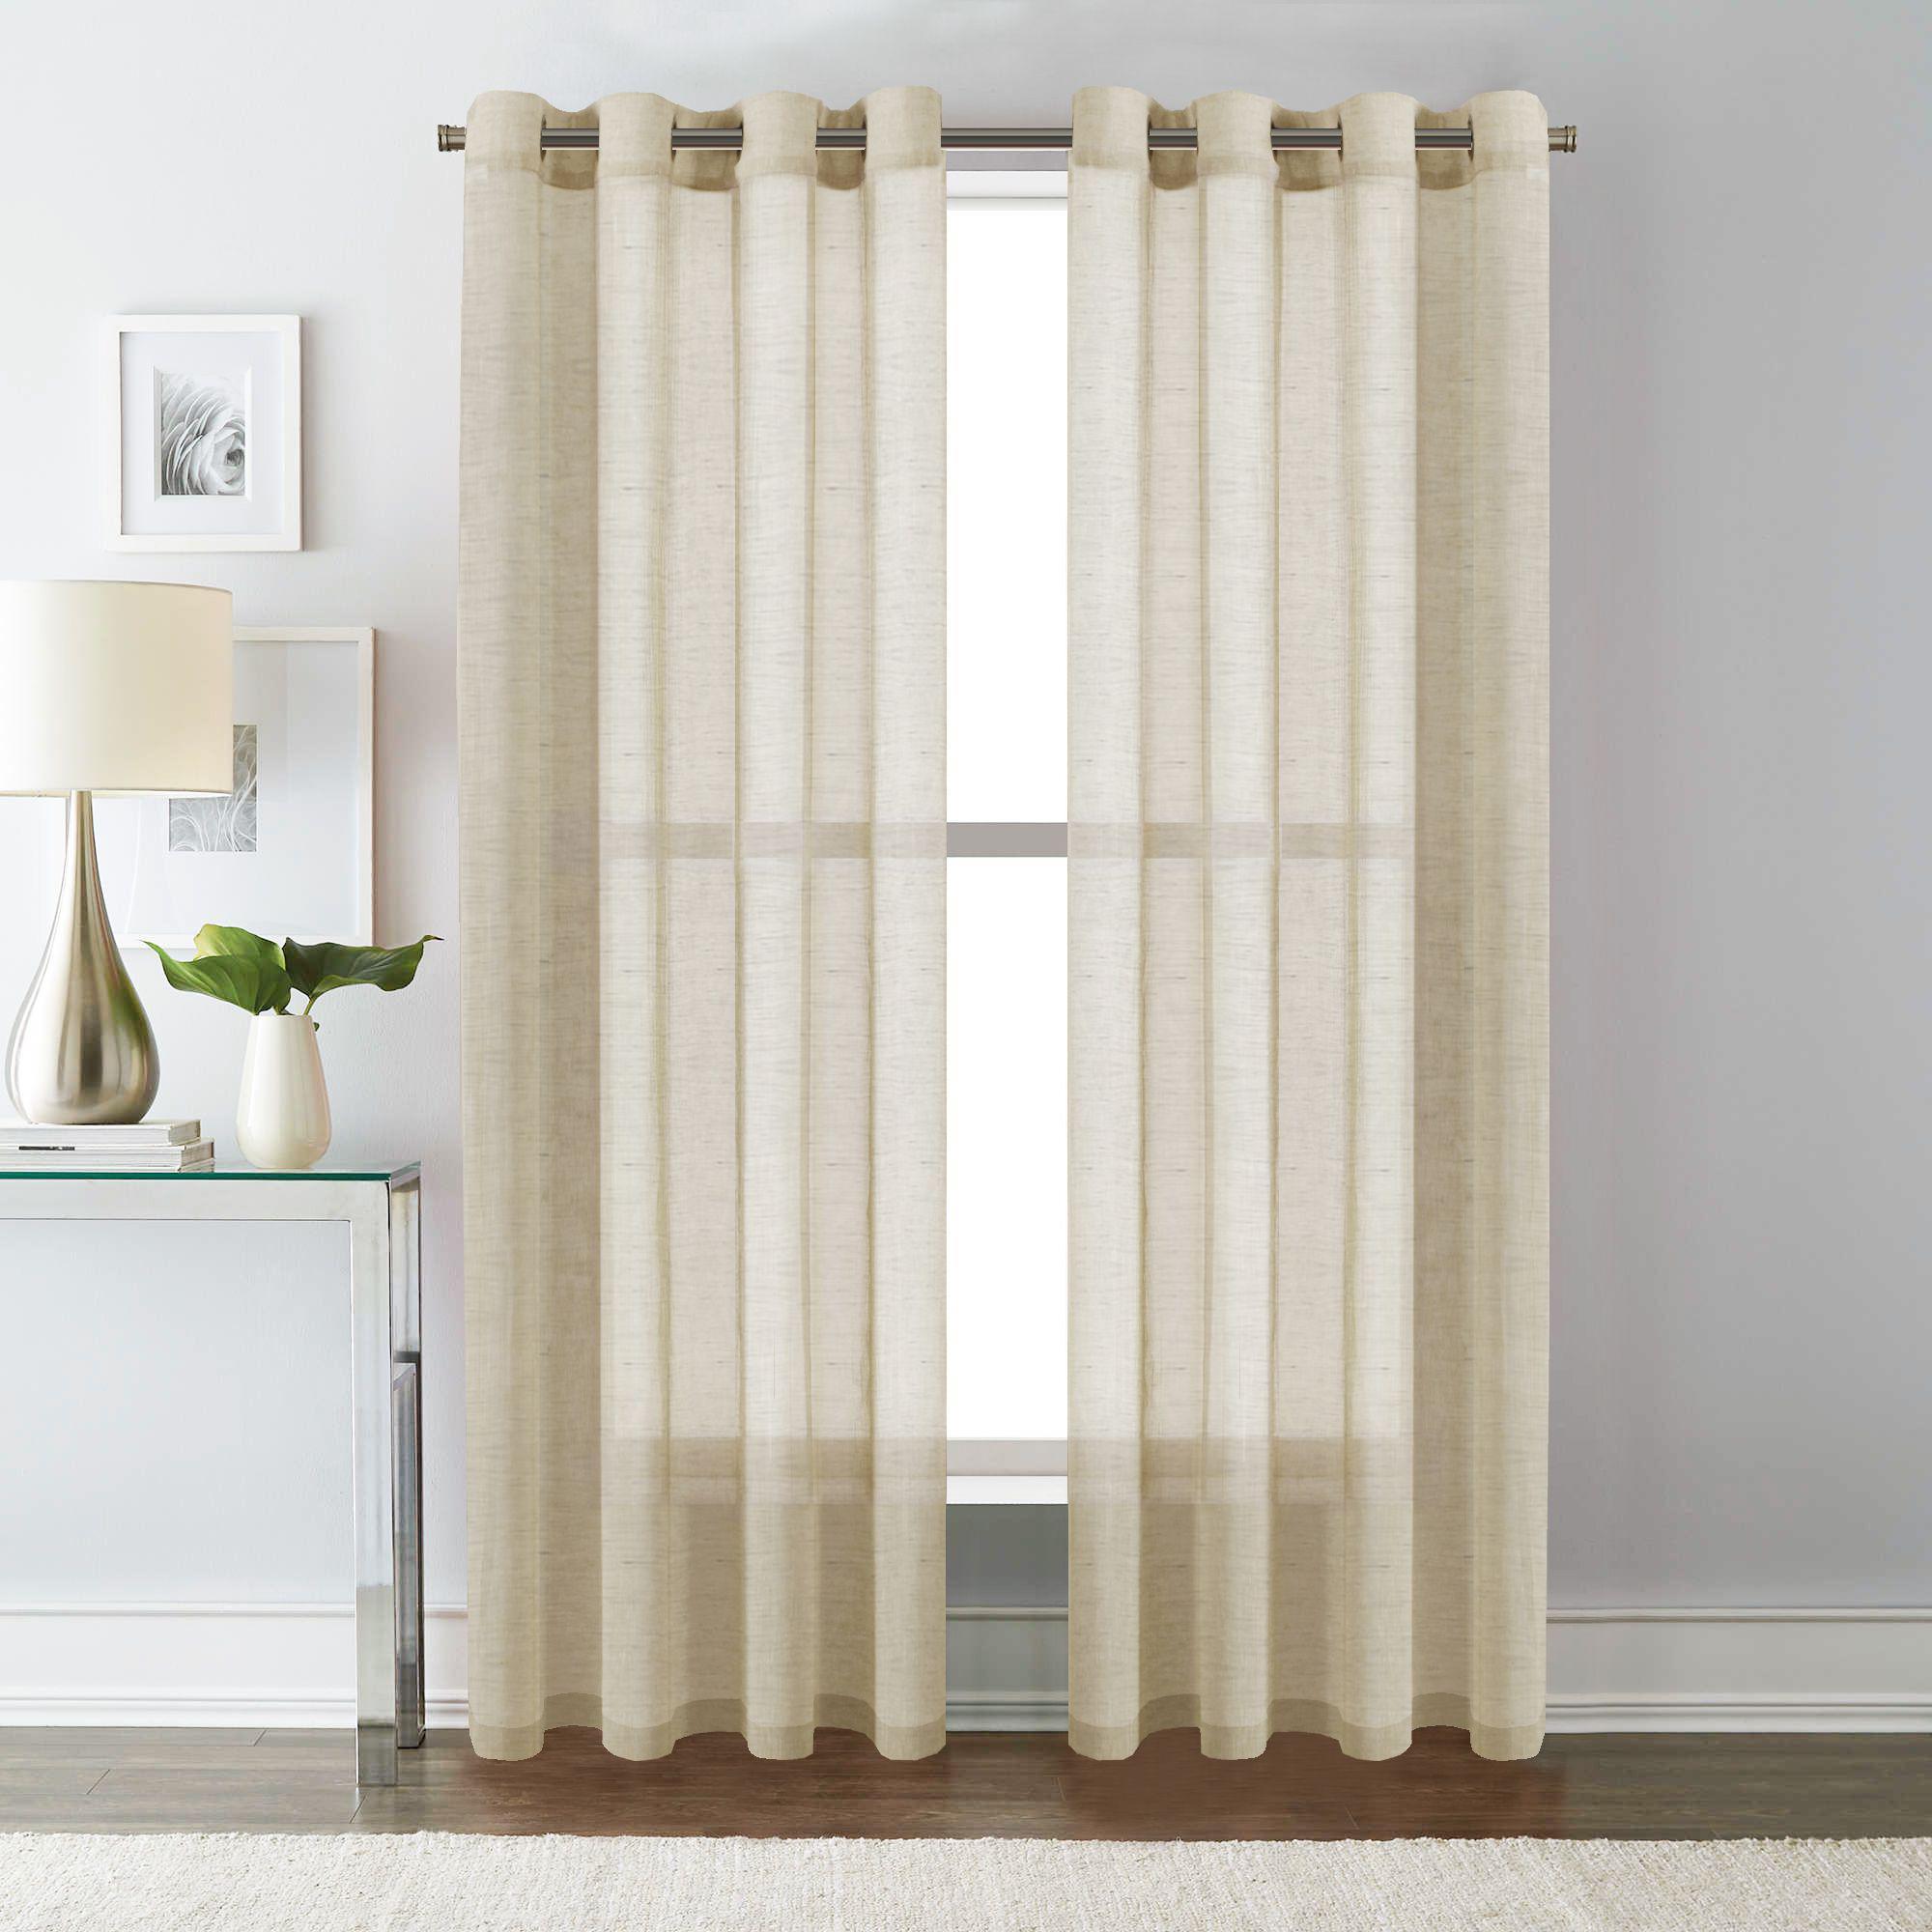 1 Pair Linen Sheer Curtains For Bedroom Living Room Light Filtering Window Curtain Draperies Natural Look Eyelet Top Beige Matt Blatt